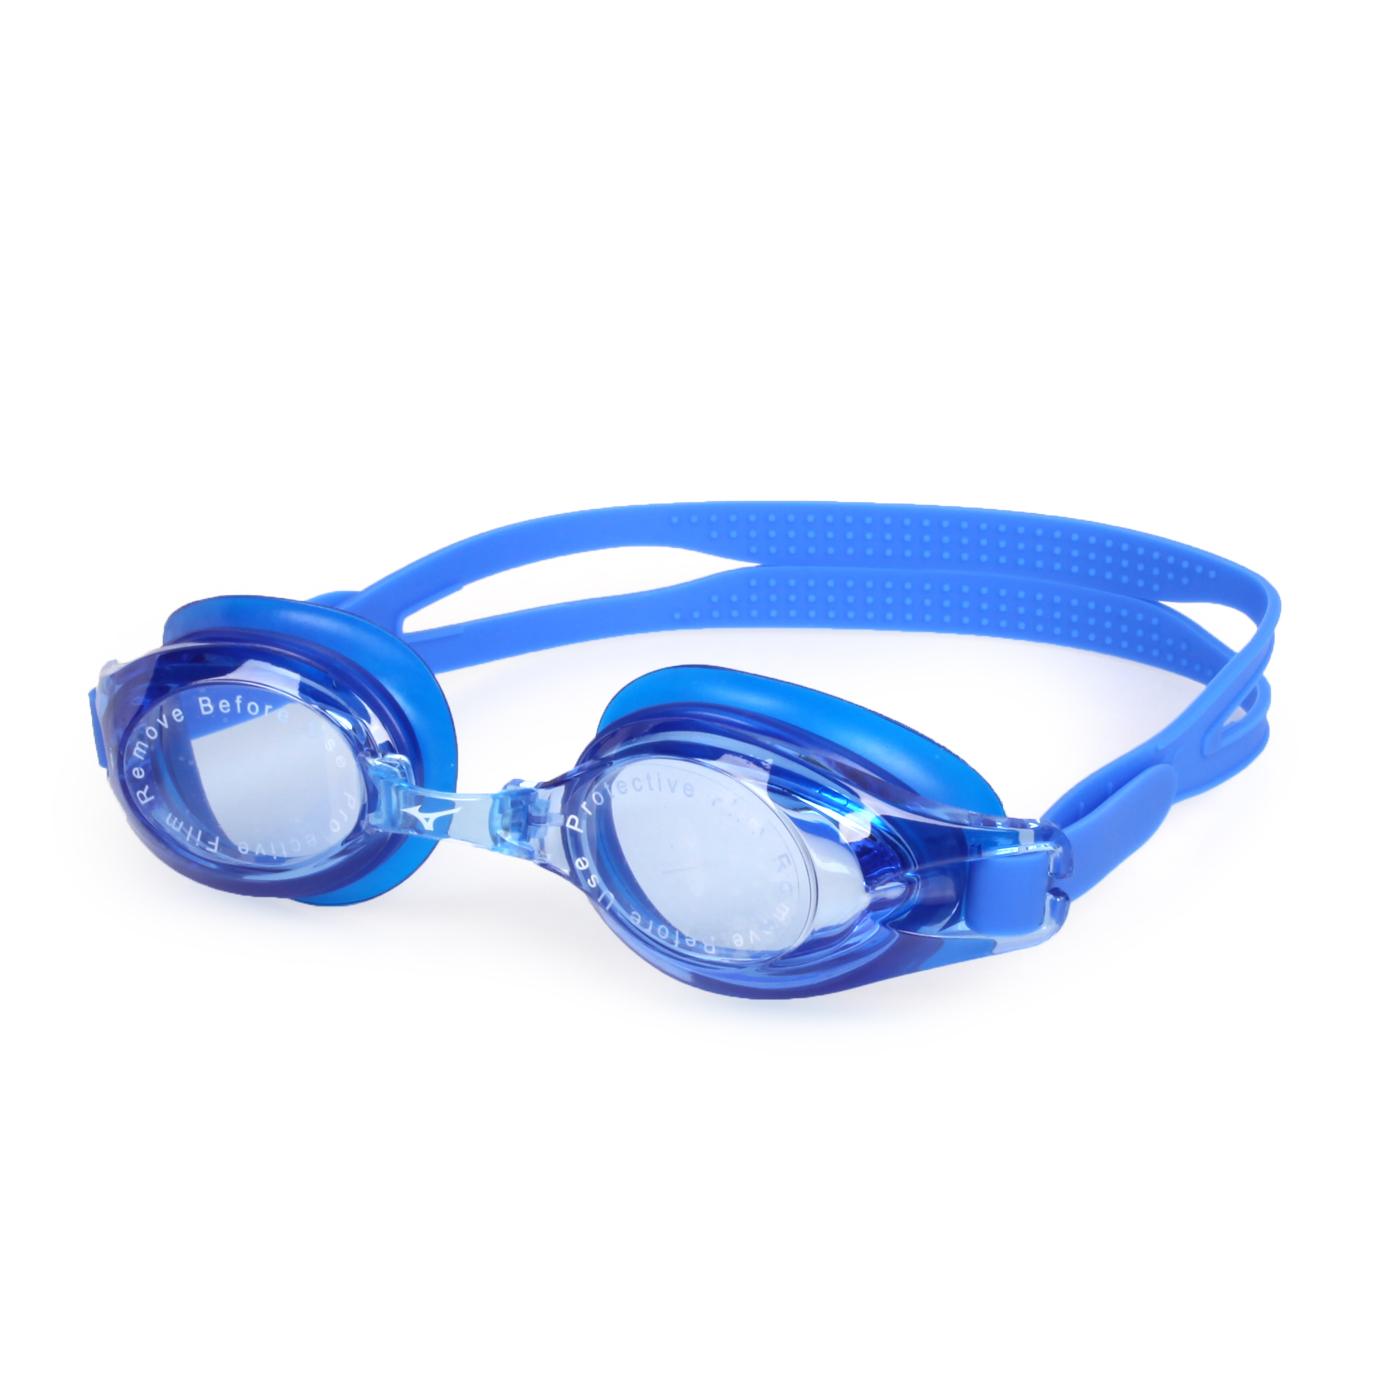 MIZUNO 泳鏡  SWIMN3TE702000-09 - 寶藍